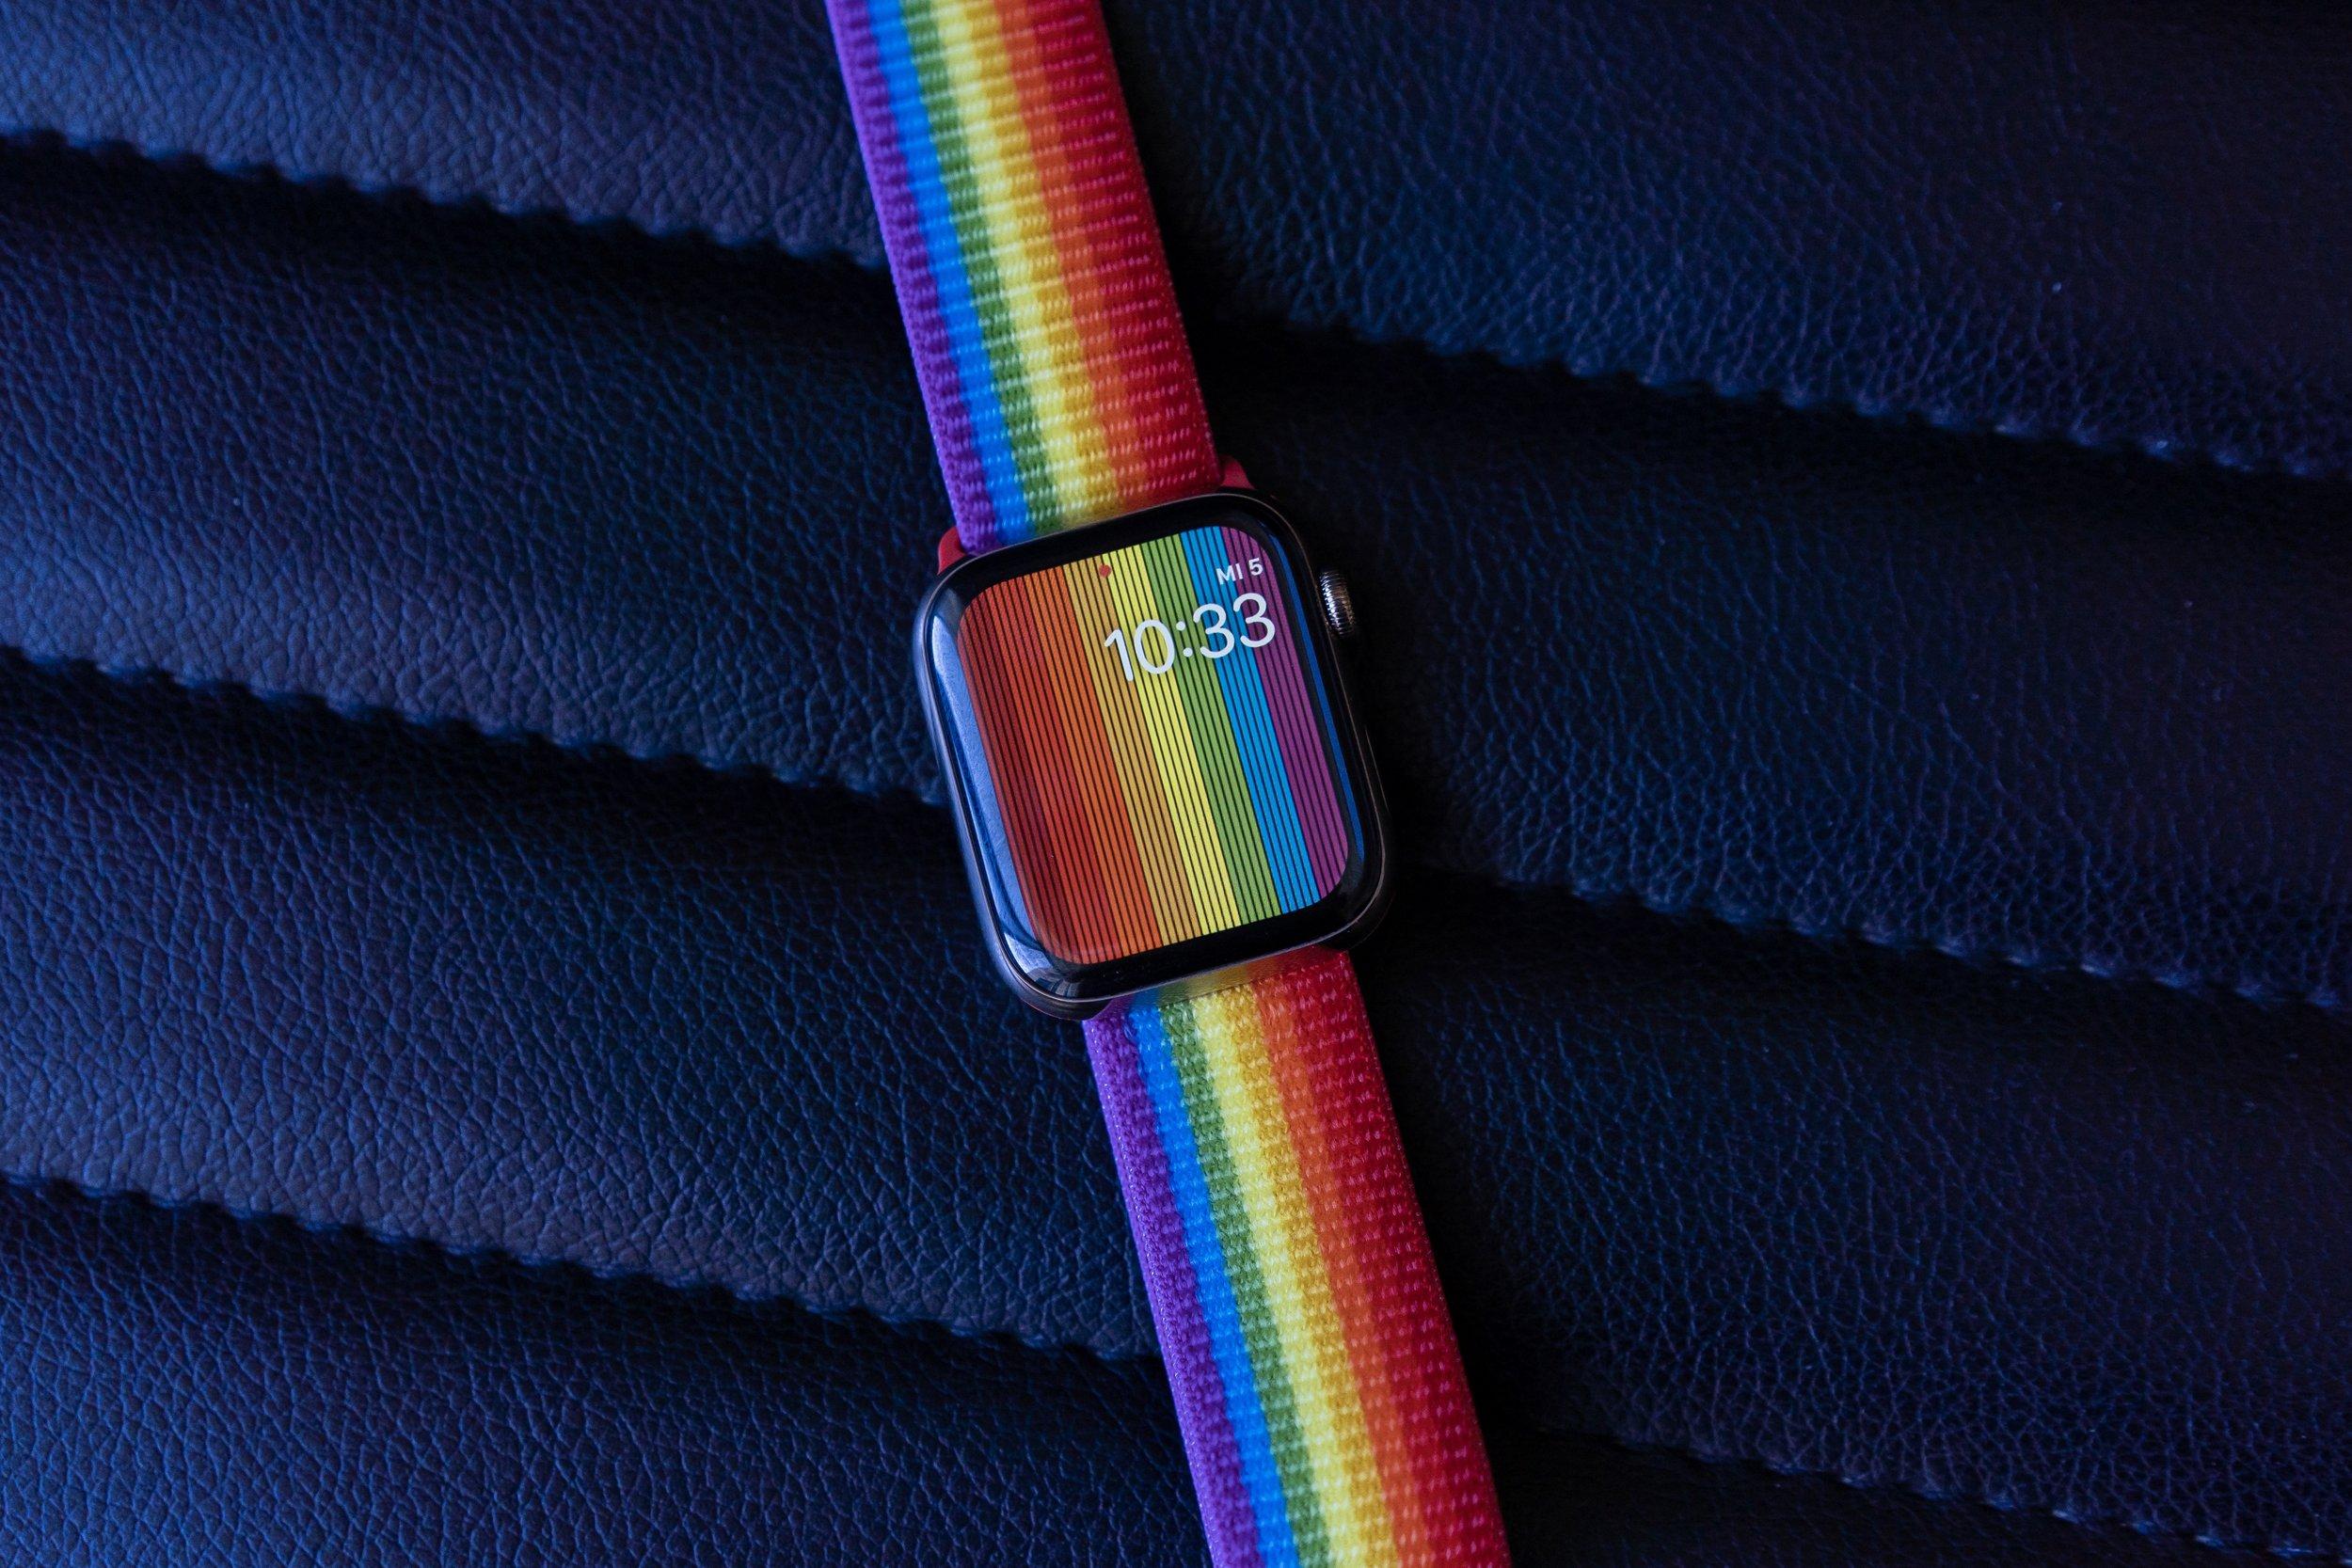 watchOS6-watchface-pride-band-zei.jpg